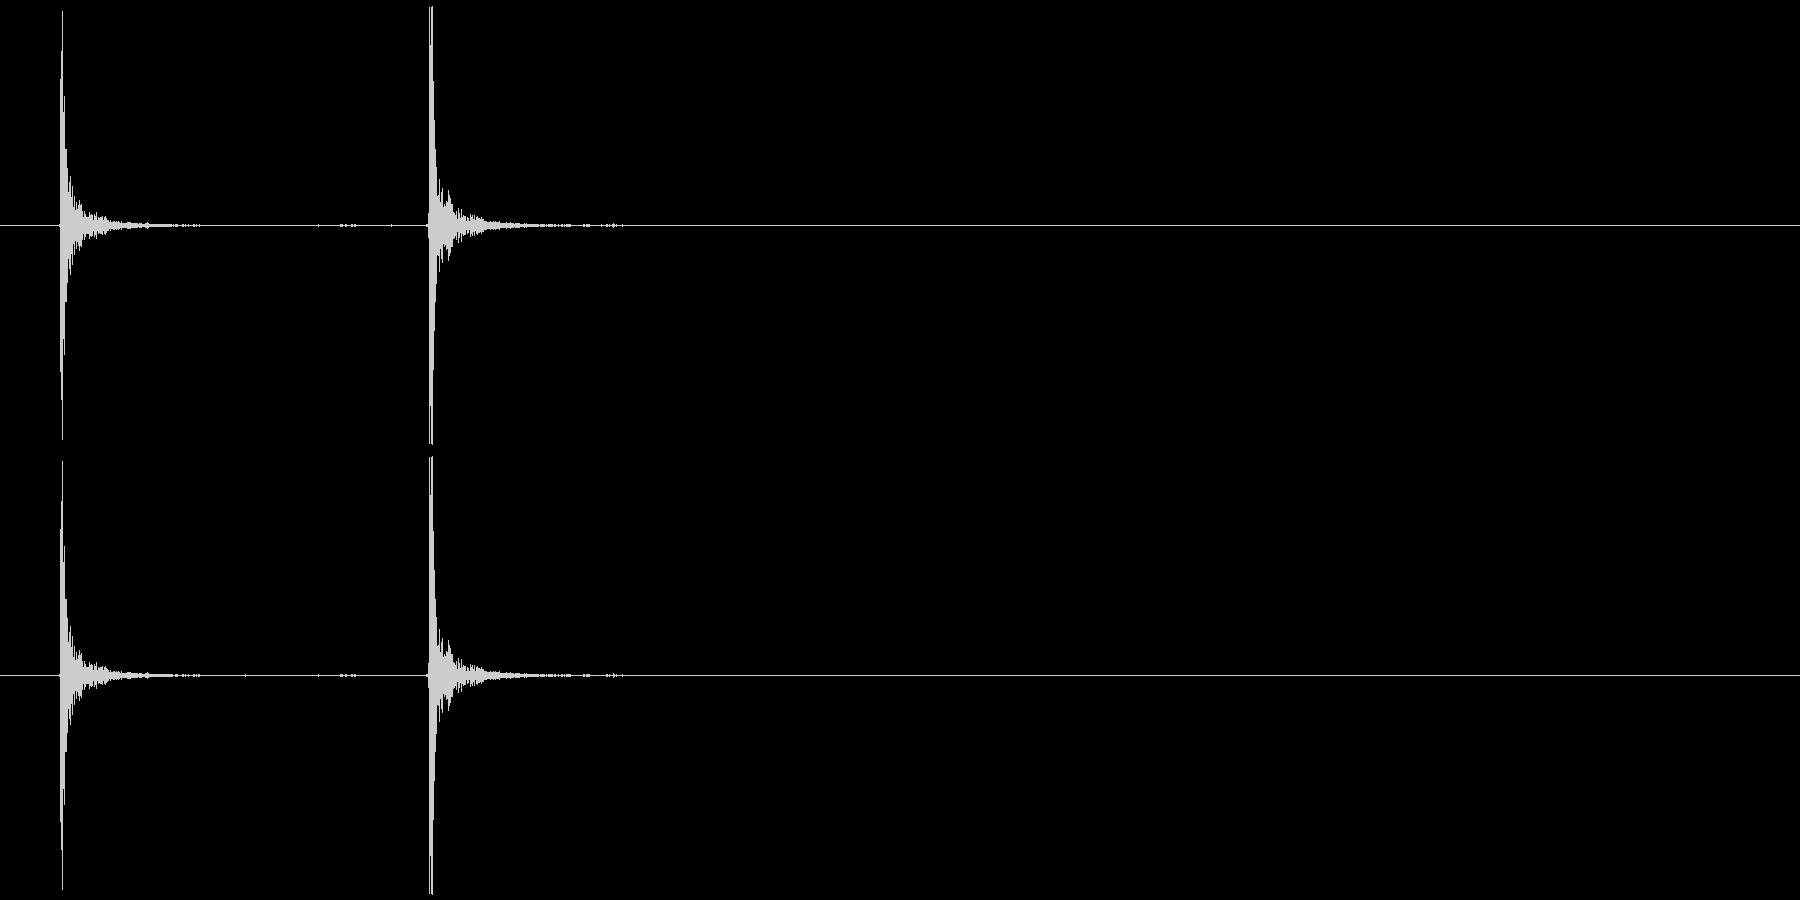 大きなフラッシュライト、スイッチオンの未再生の波形